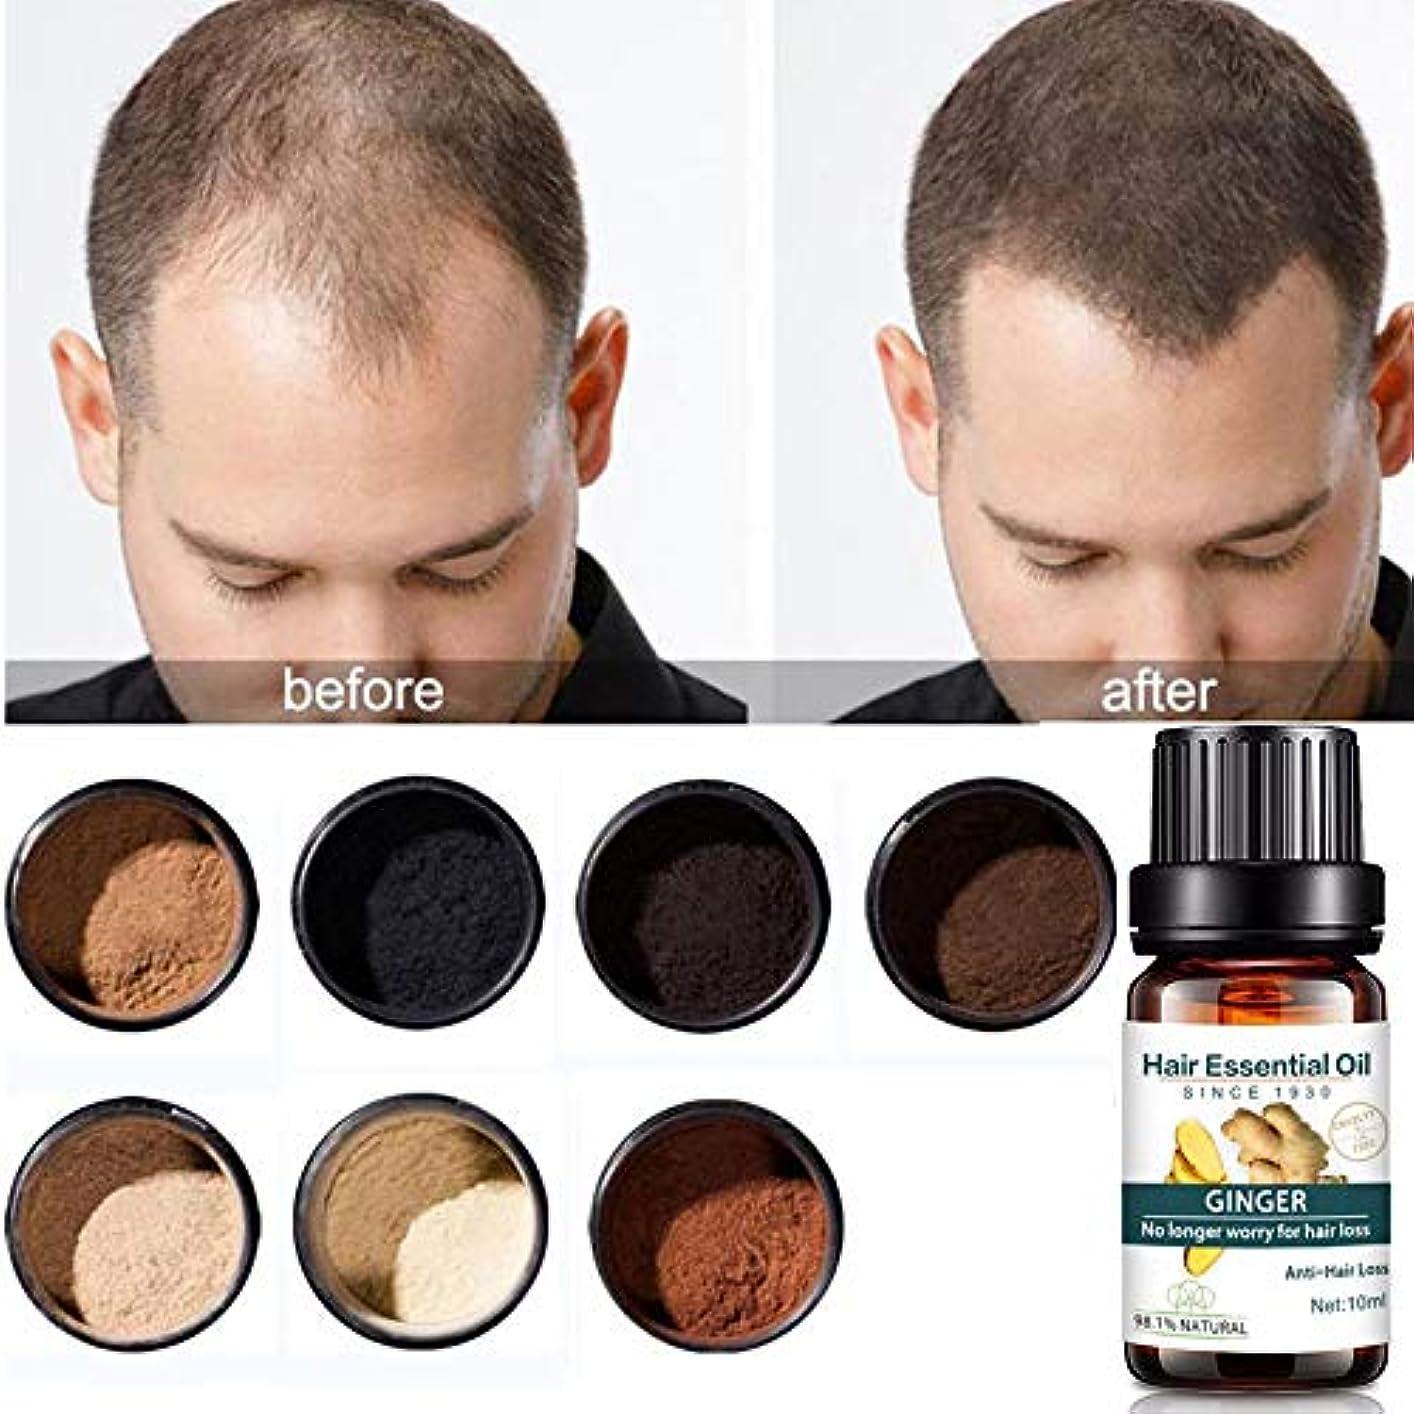 特徴スペル脱獄育毛トリートメントオイル、育毛セラム、育毛ジンジャーオイル、抜け毛を防止、育毛促進